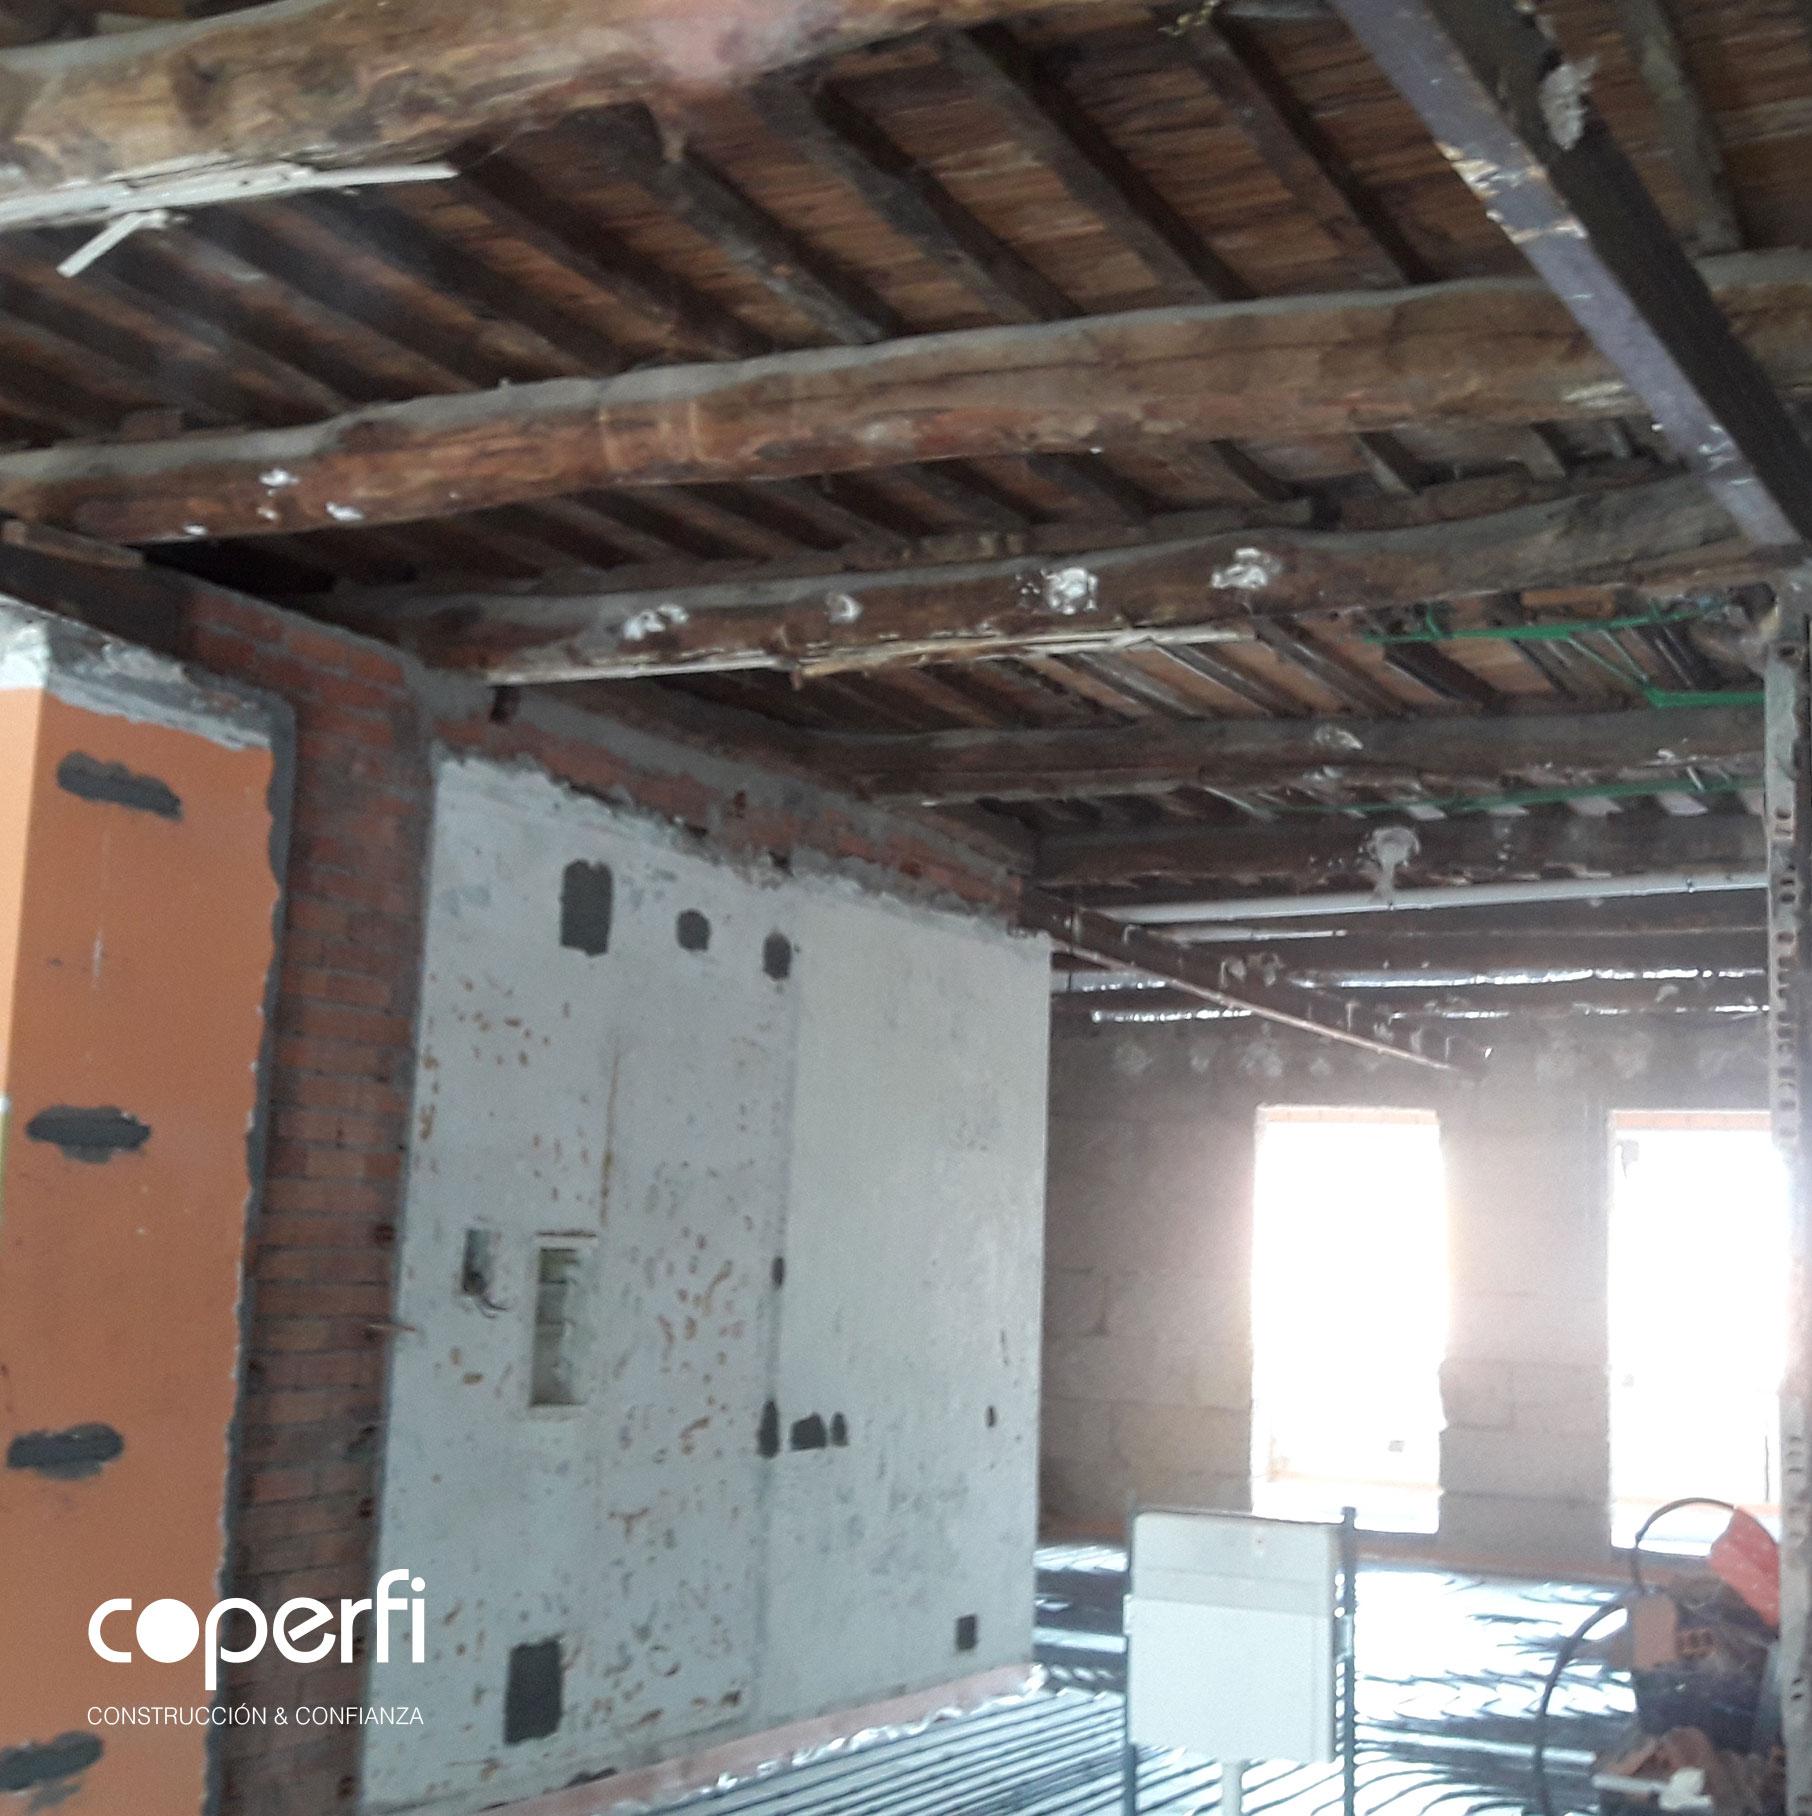 coperfi_reforma_vigo_demolicion